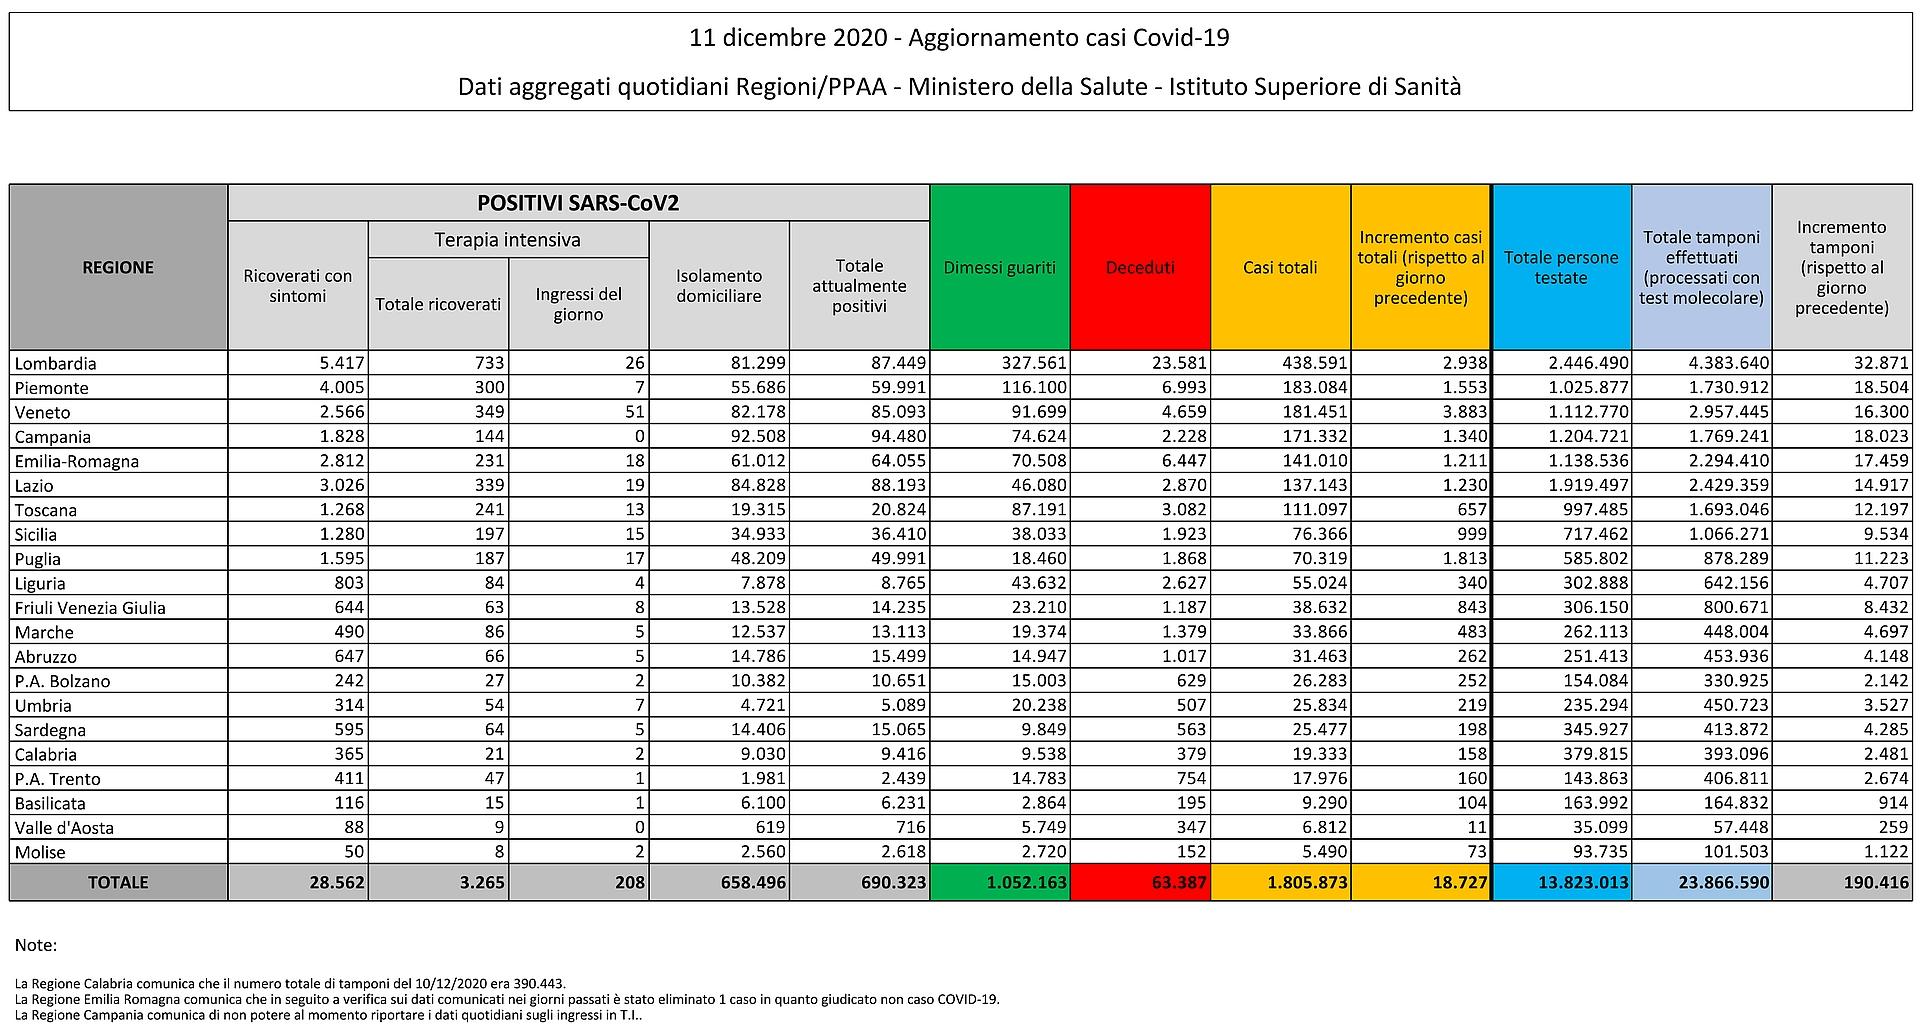 11 dicembre 2020 - Aggiornamento casi Covid-19 Dati aggregati quotidiani Regioni/PPAA - Ministero della Salute - Istituto Superiore di Sanità